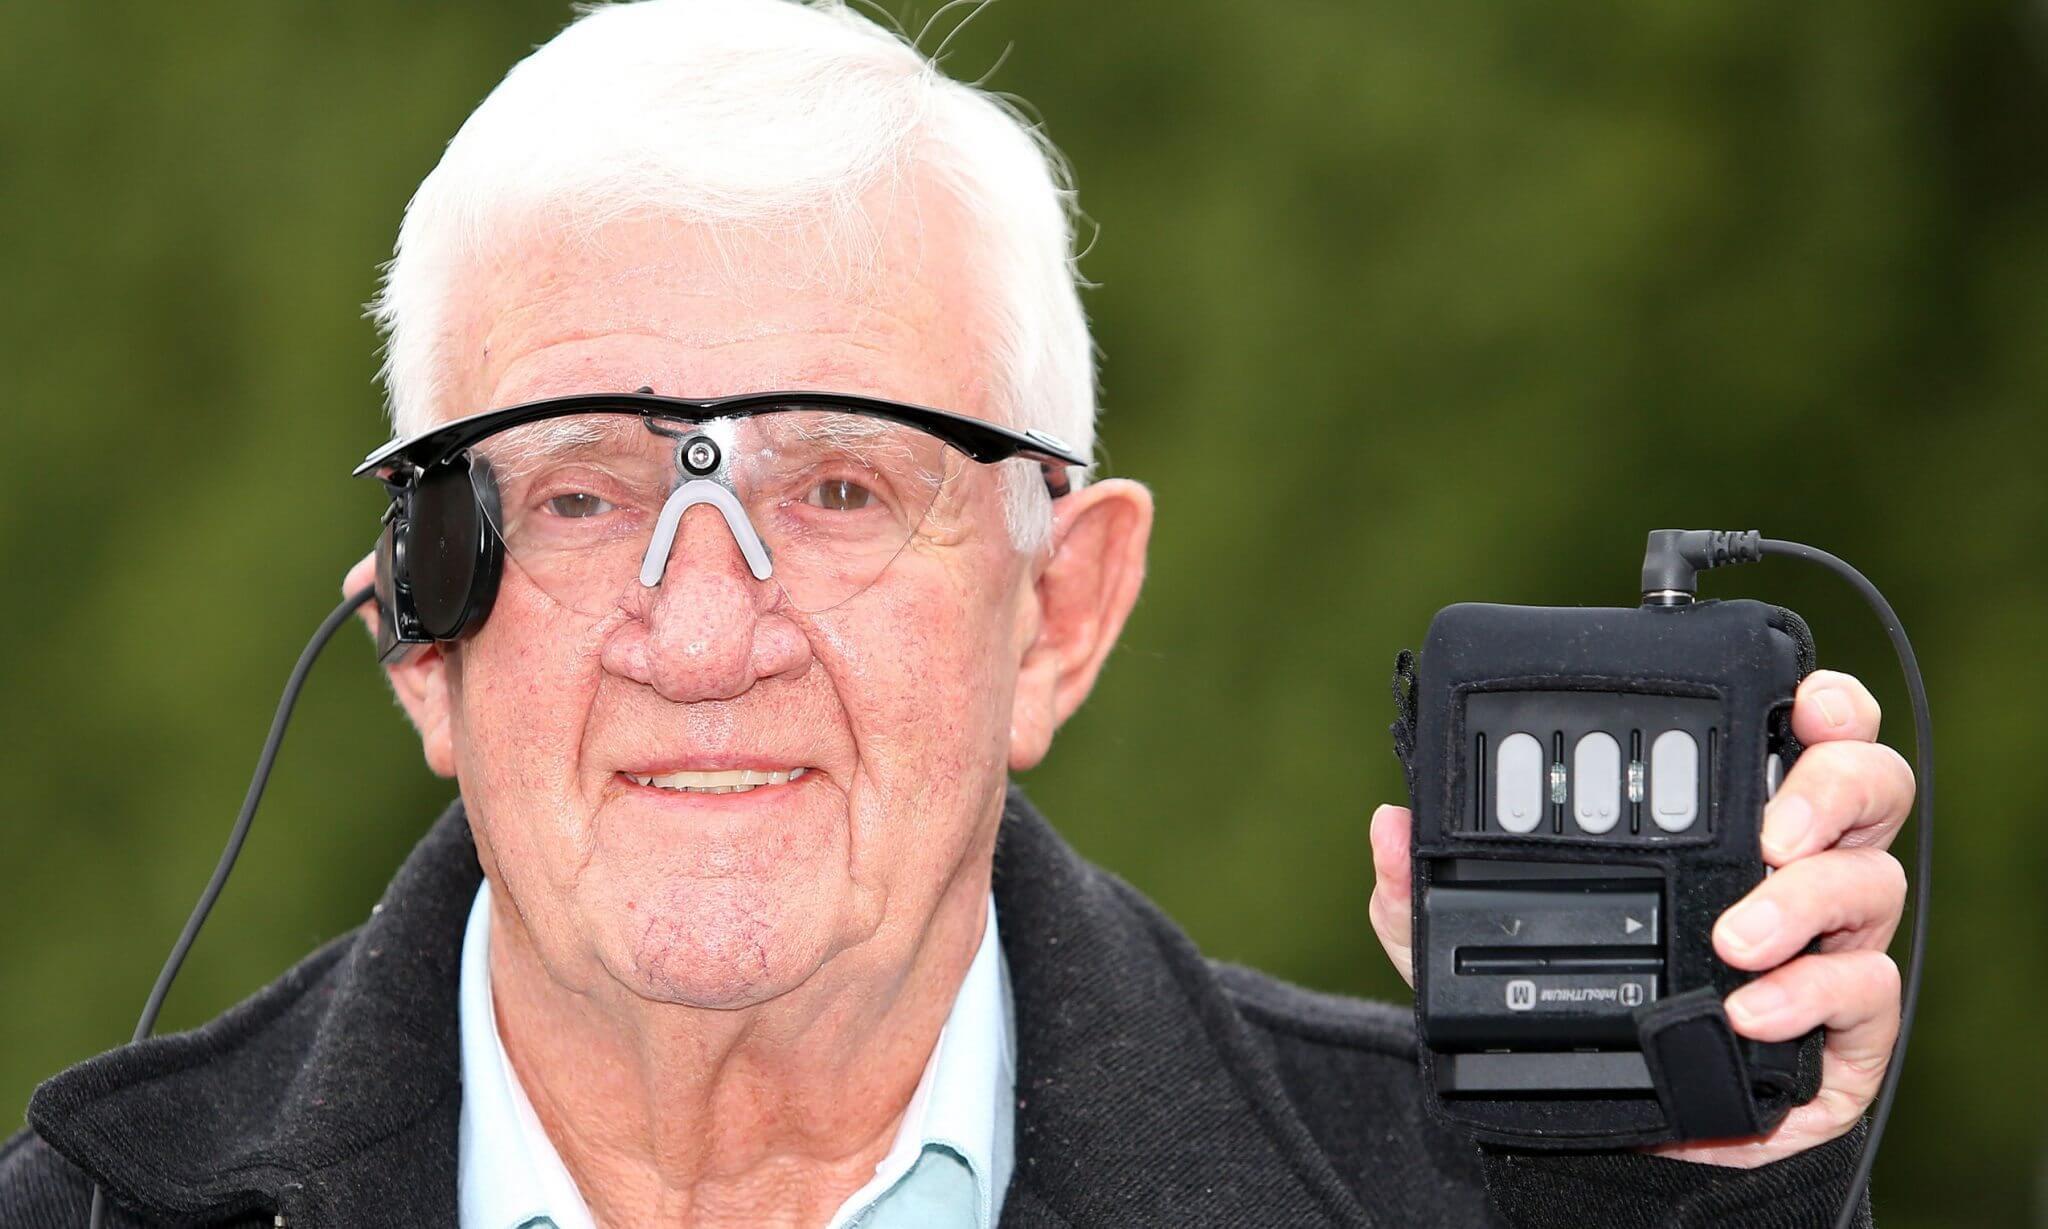 smt olhobionico rayfynn - Implante biônico restaura visão em homem de 80 anos